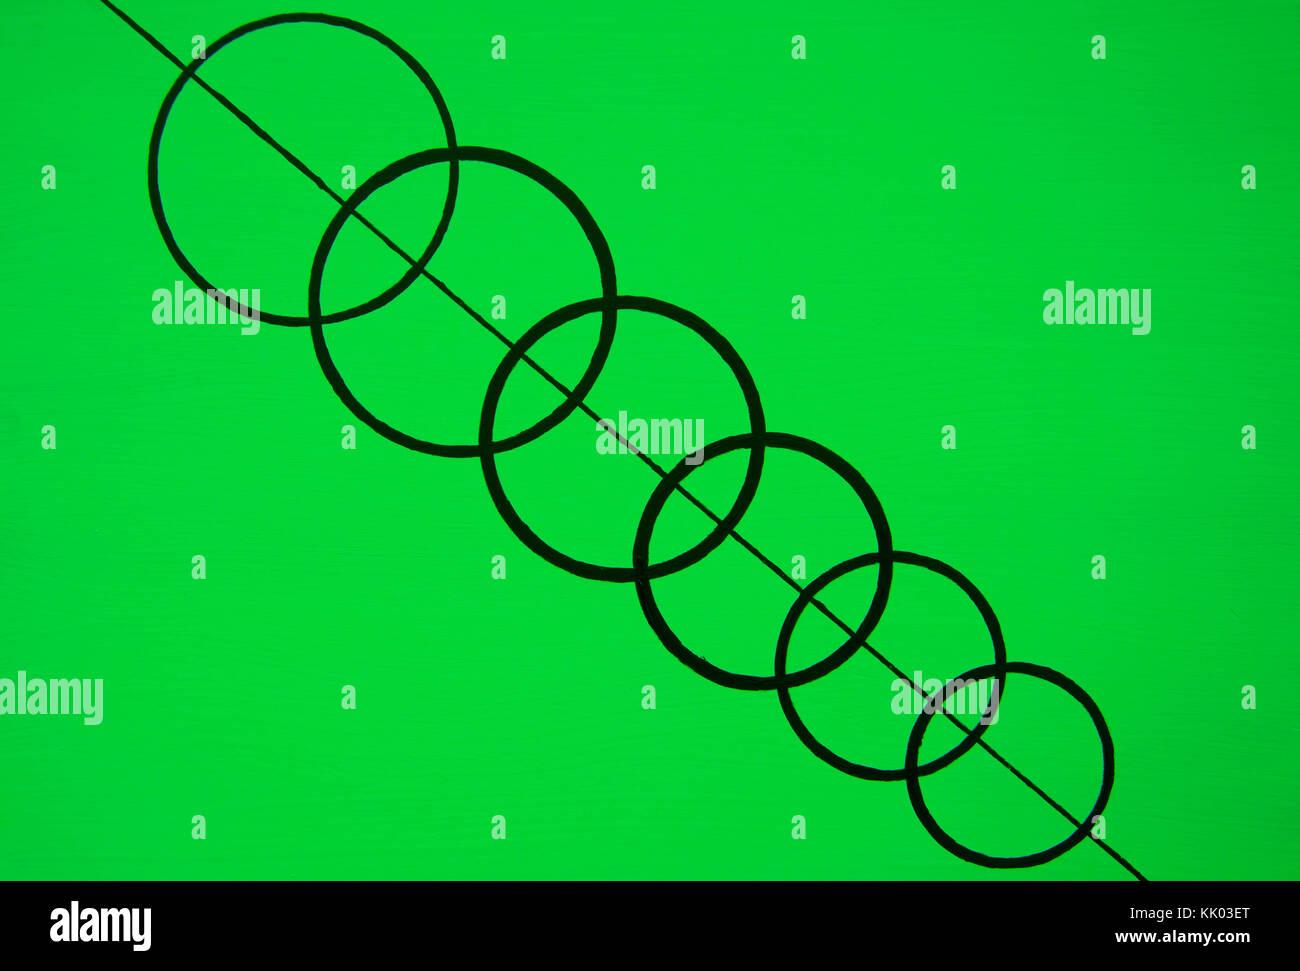 Les cercles noirs liés entre eux sur la ligne noire avec un fond vert Photo Stock